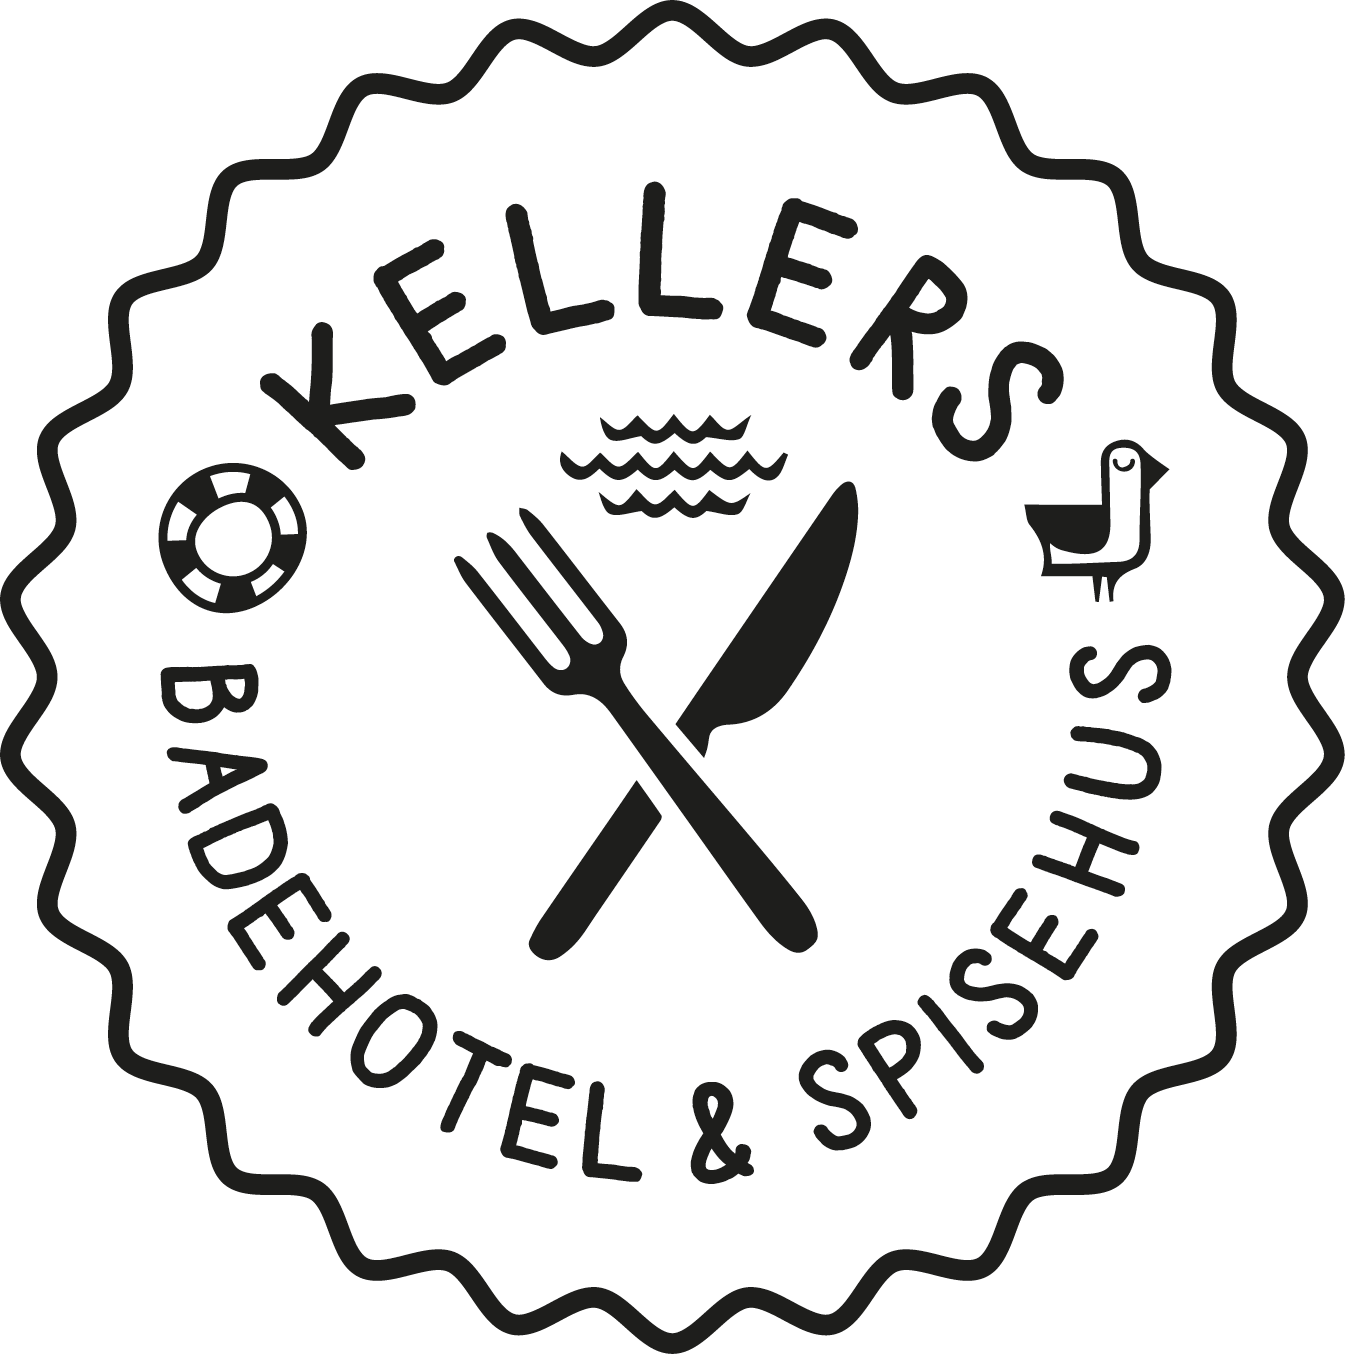 Kellers_logo_standard_small_300dpi-2.png